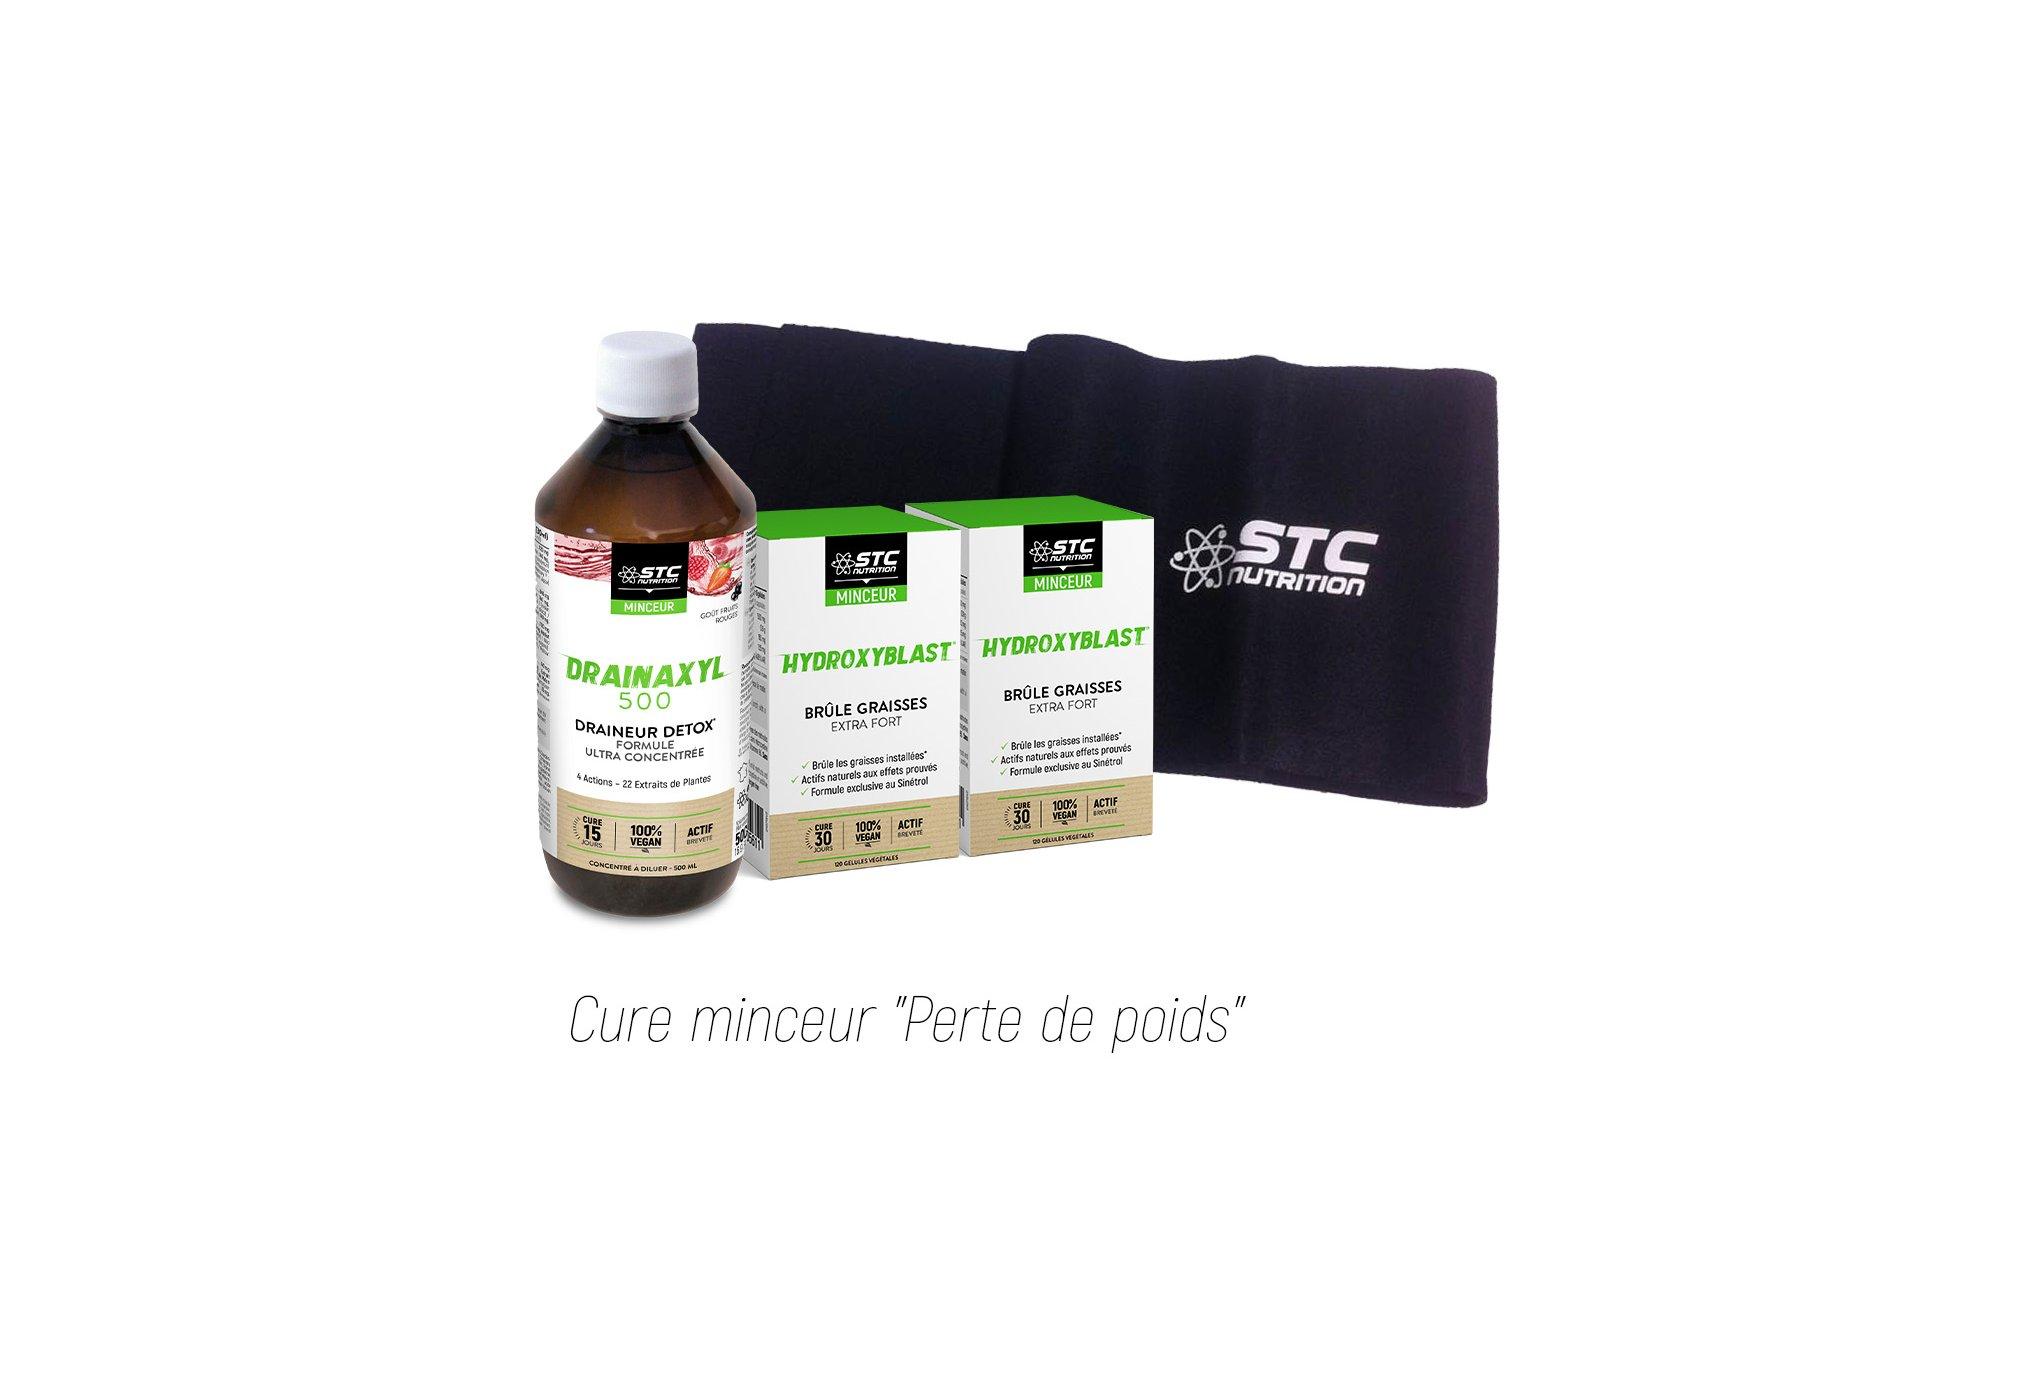 STC Nutrition Cure minceur et ceinture de sudation offerte Diététique Packs